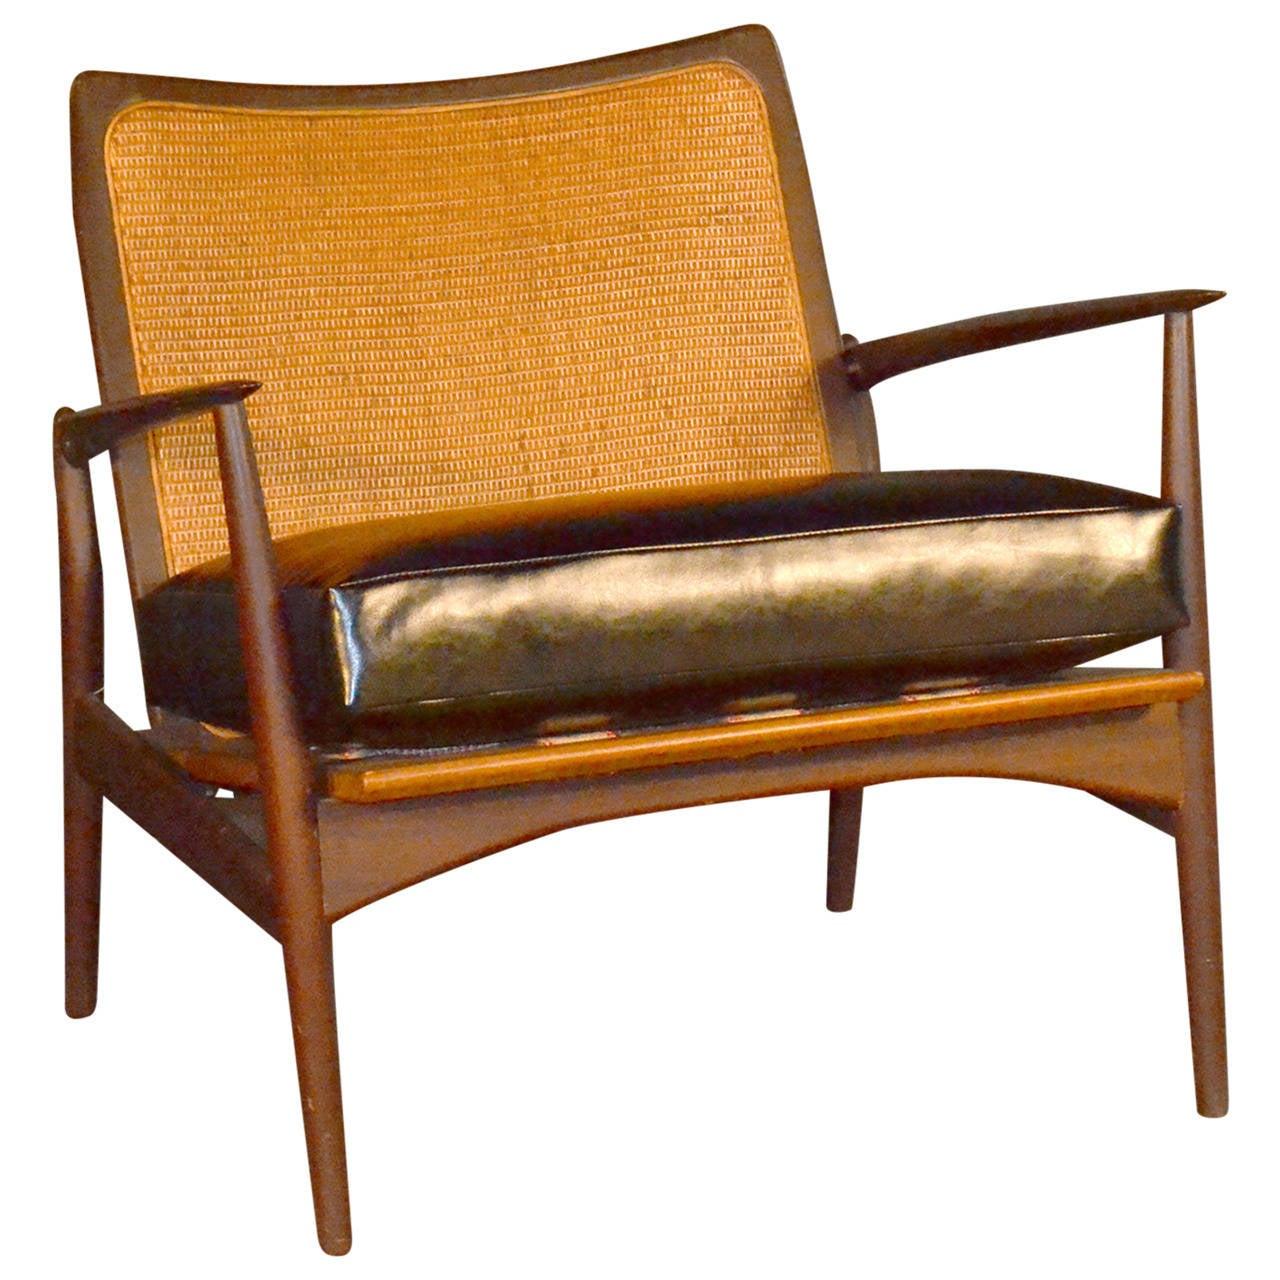 Ib Kofod Larsen for selig spear chair model 544-15